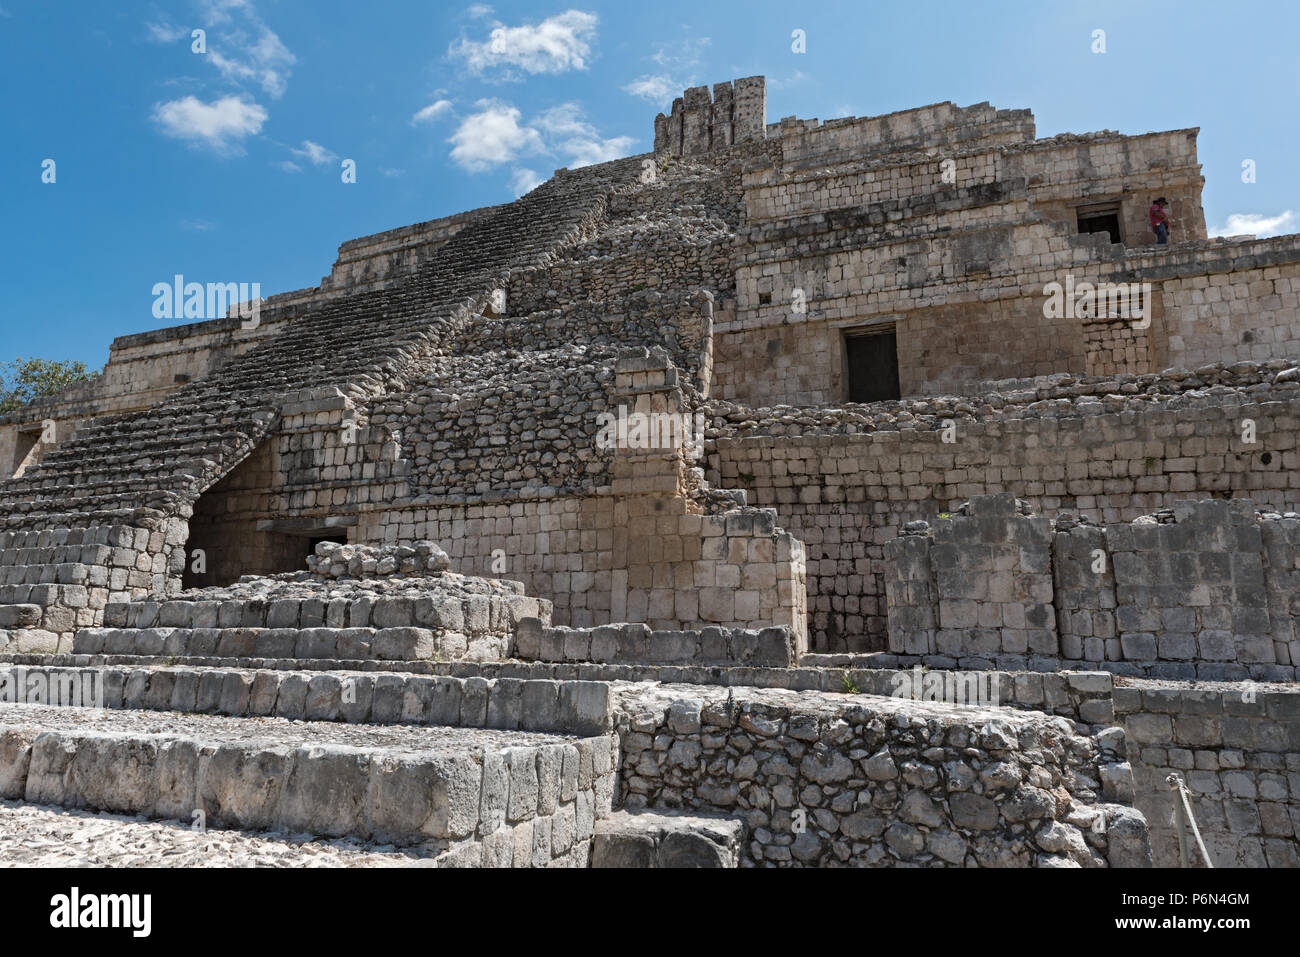 Ruines de l'ancienne ville maya de Edzna près de Campeche, Mexique Photo Stock